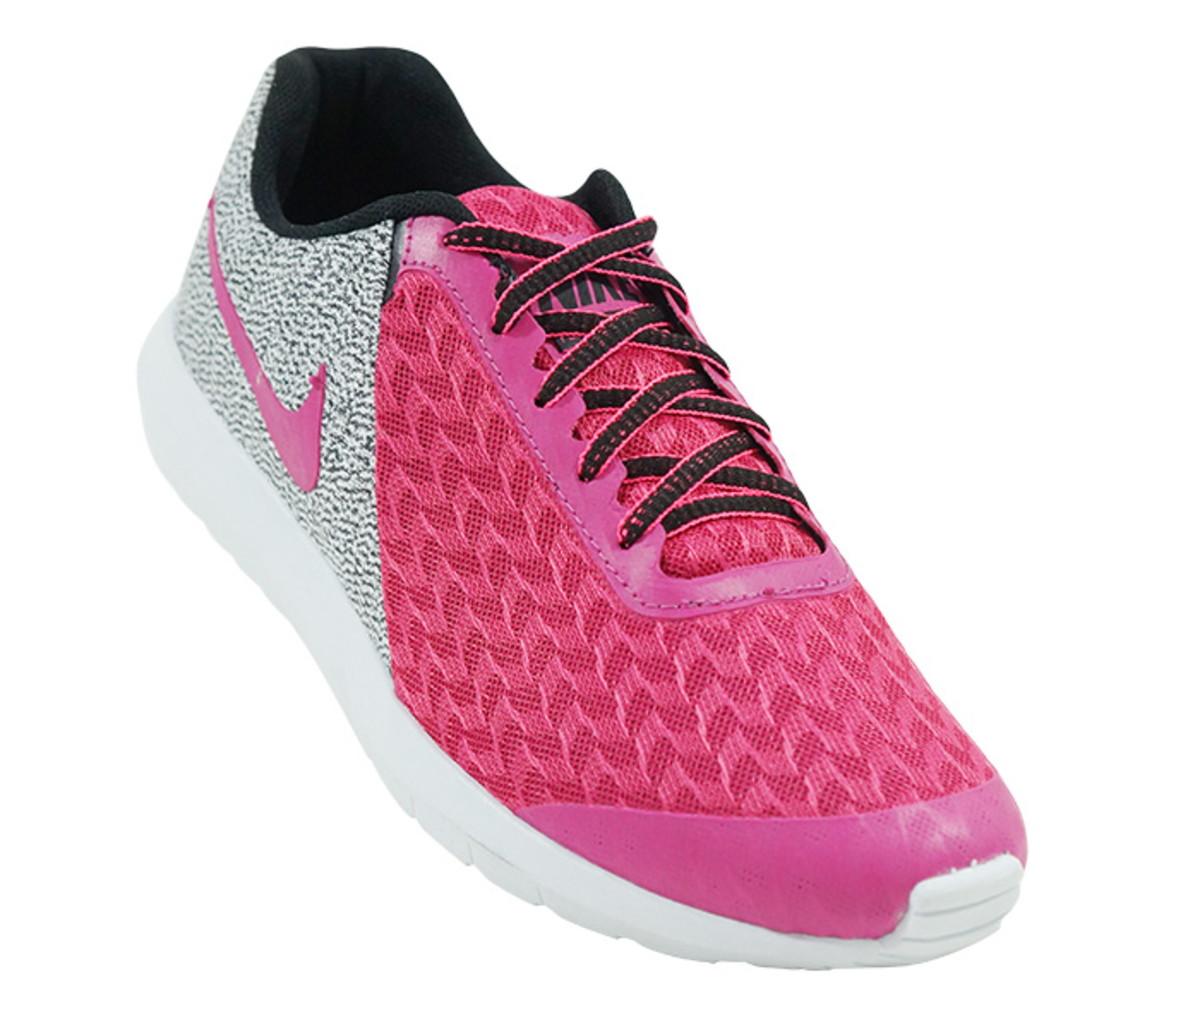 348eb89c07 Tênis Feminino Nike Flex Experience RN 5 Rosa no Elo7